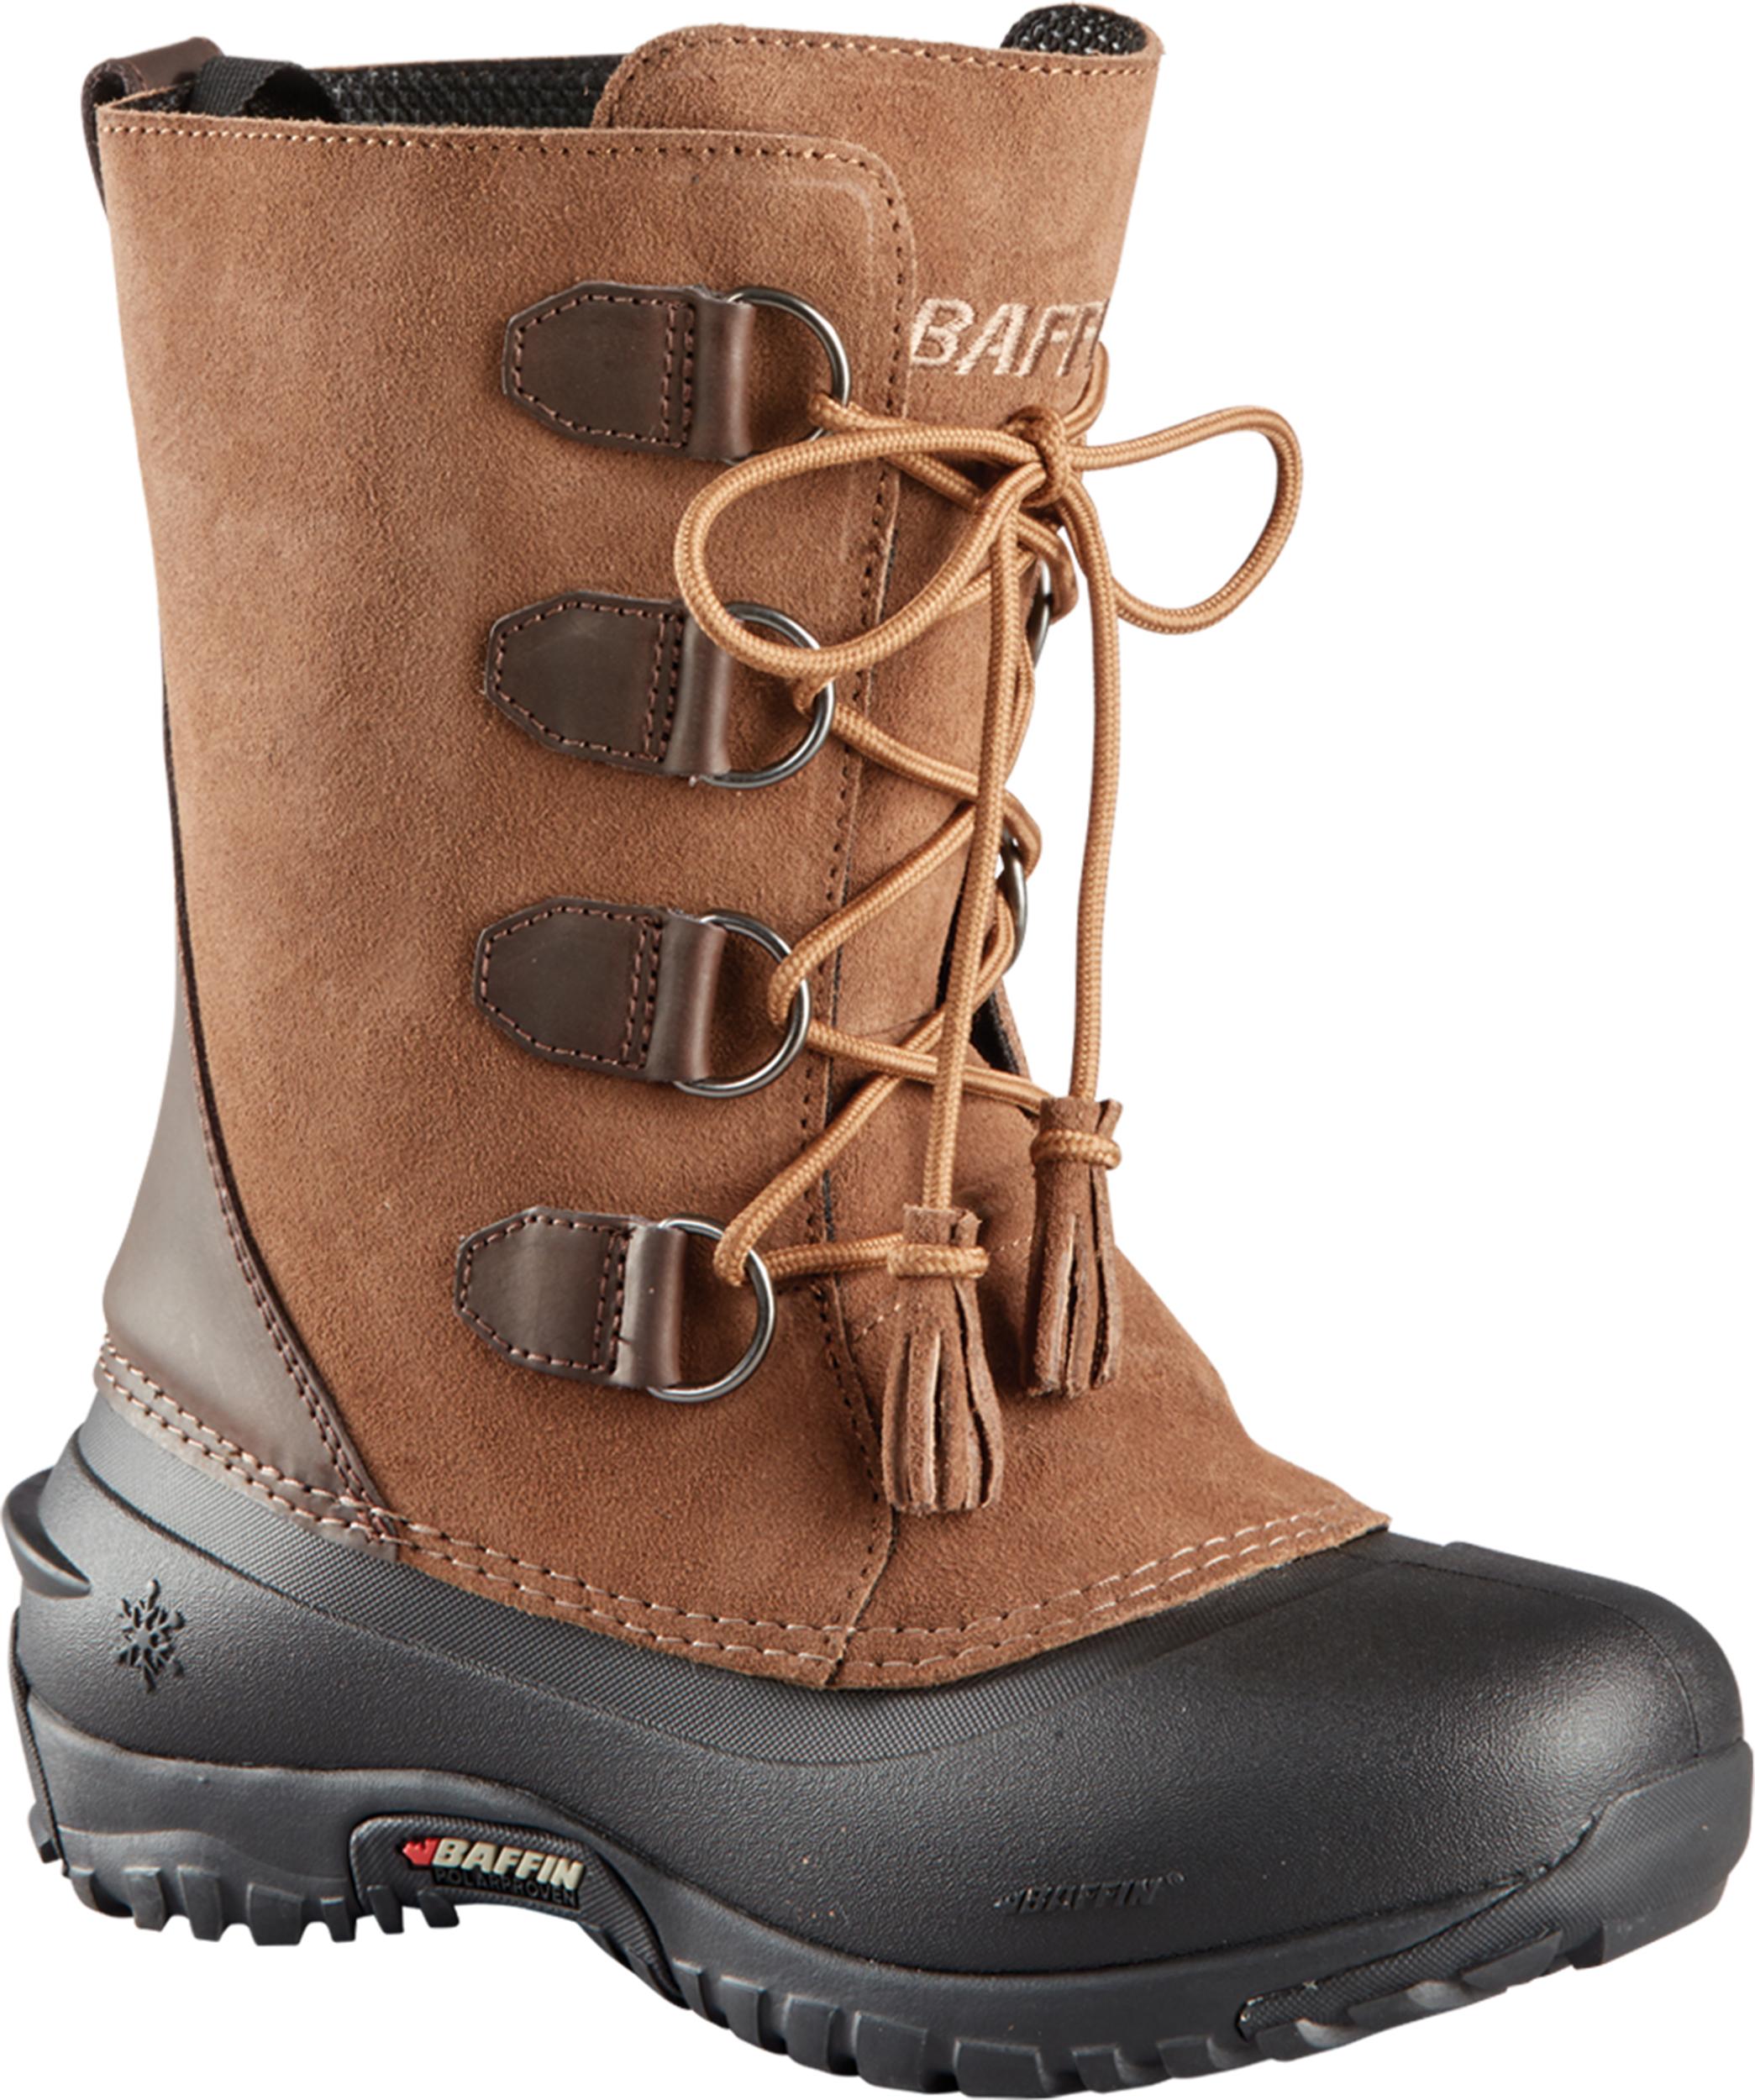 Baffin Kylie Winter Boots - Women's | MEC